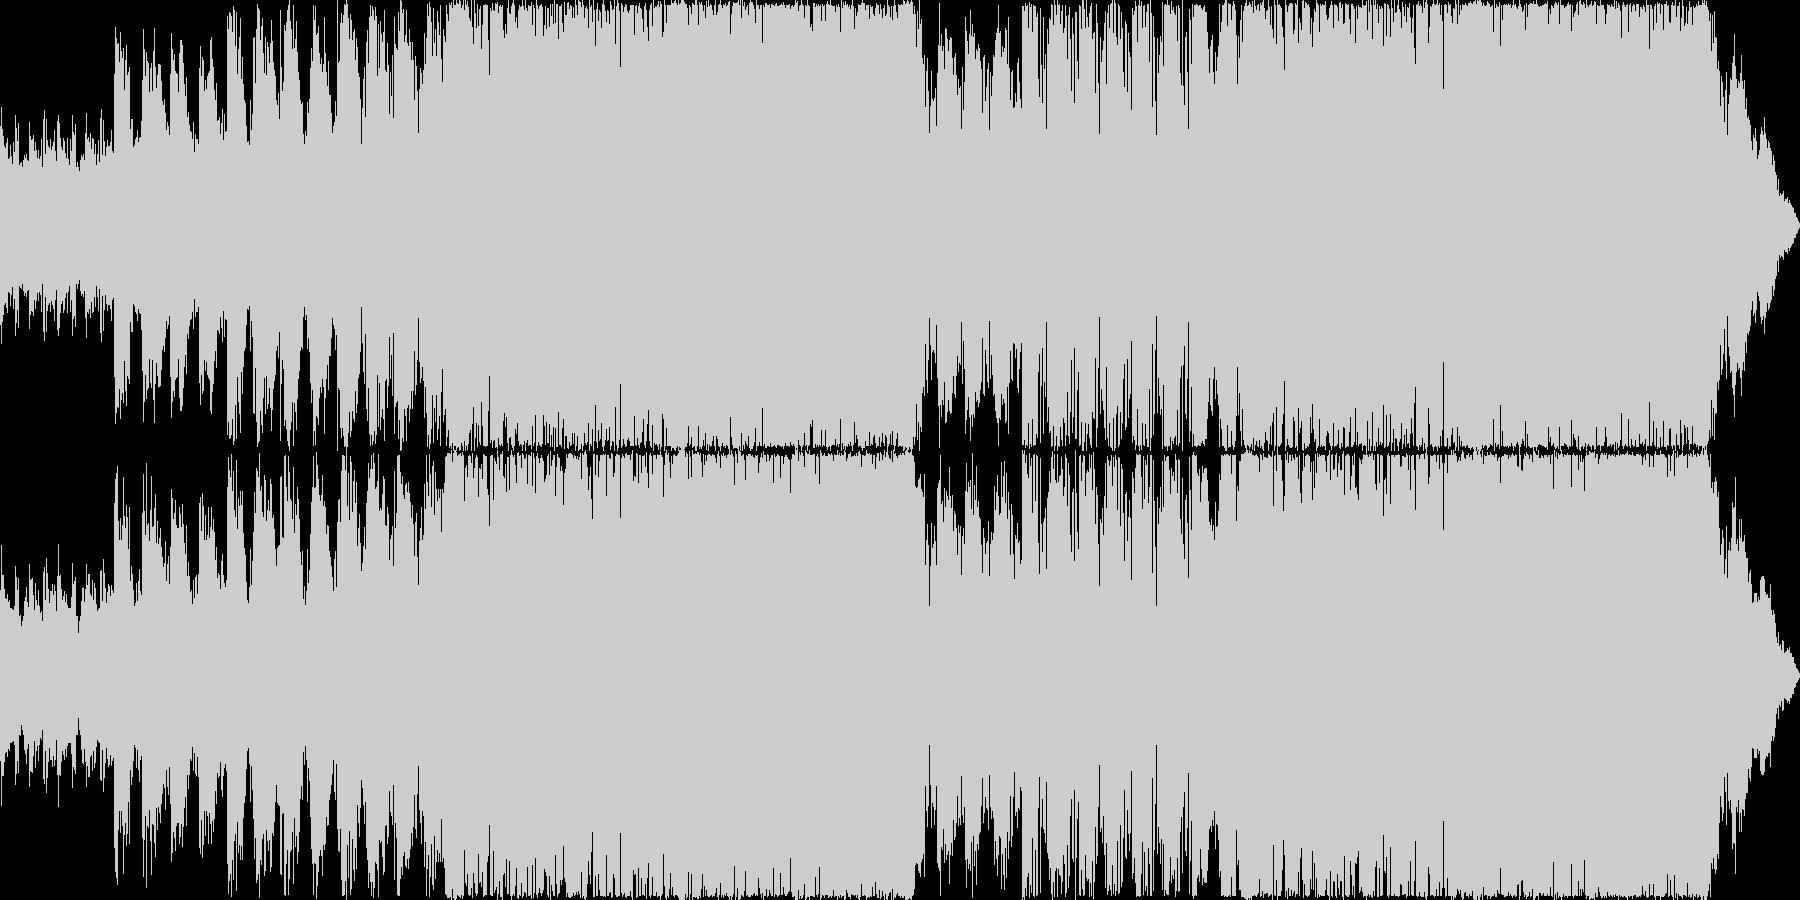 ピアノとテクノドラムの戦闘曲の未再生の波形